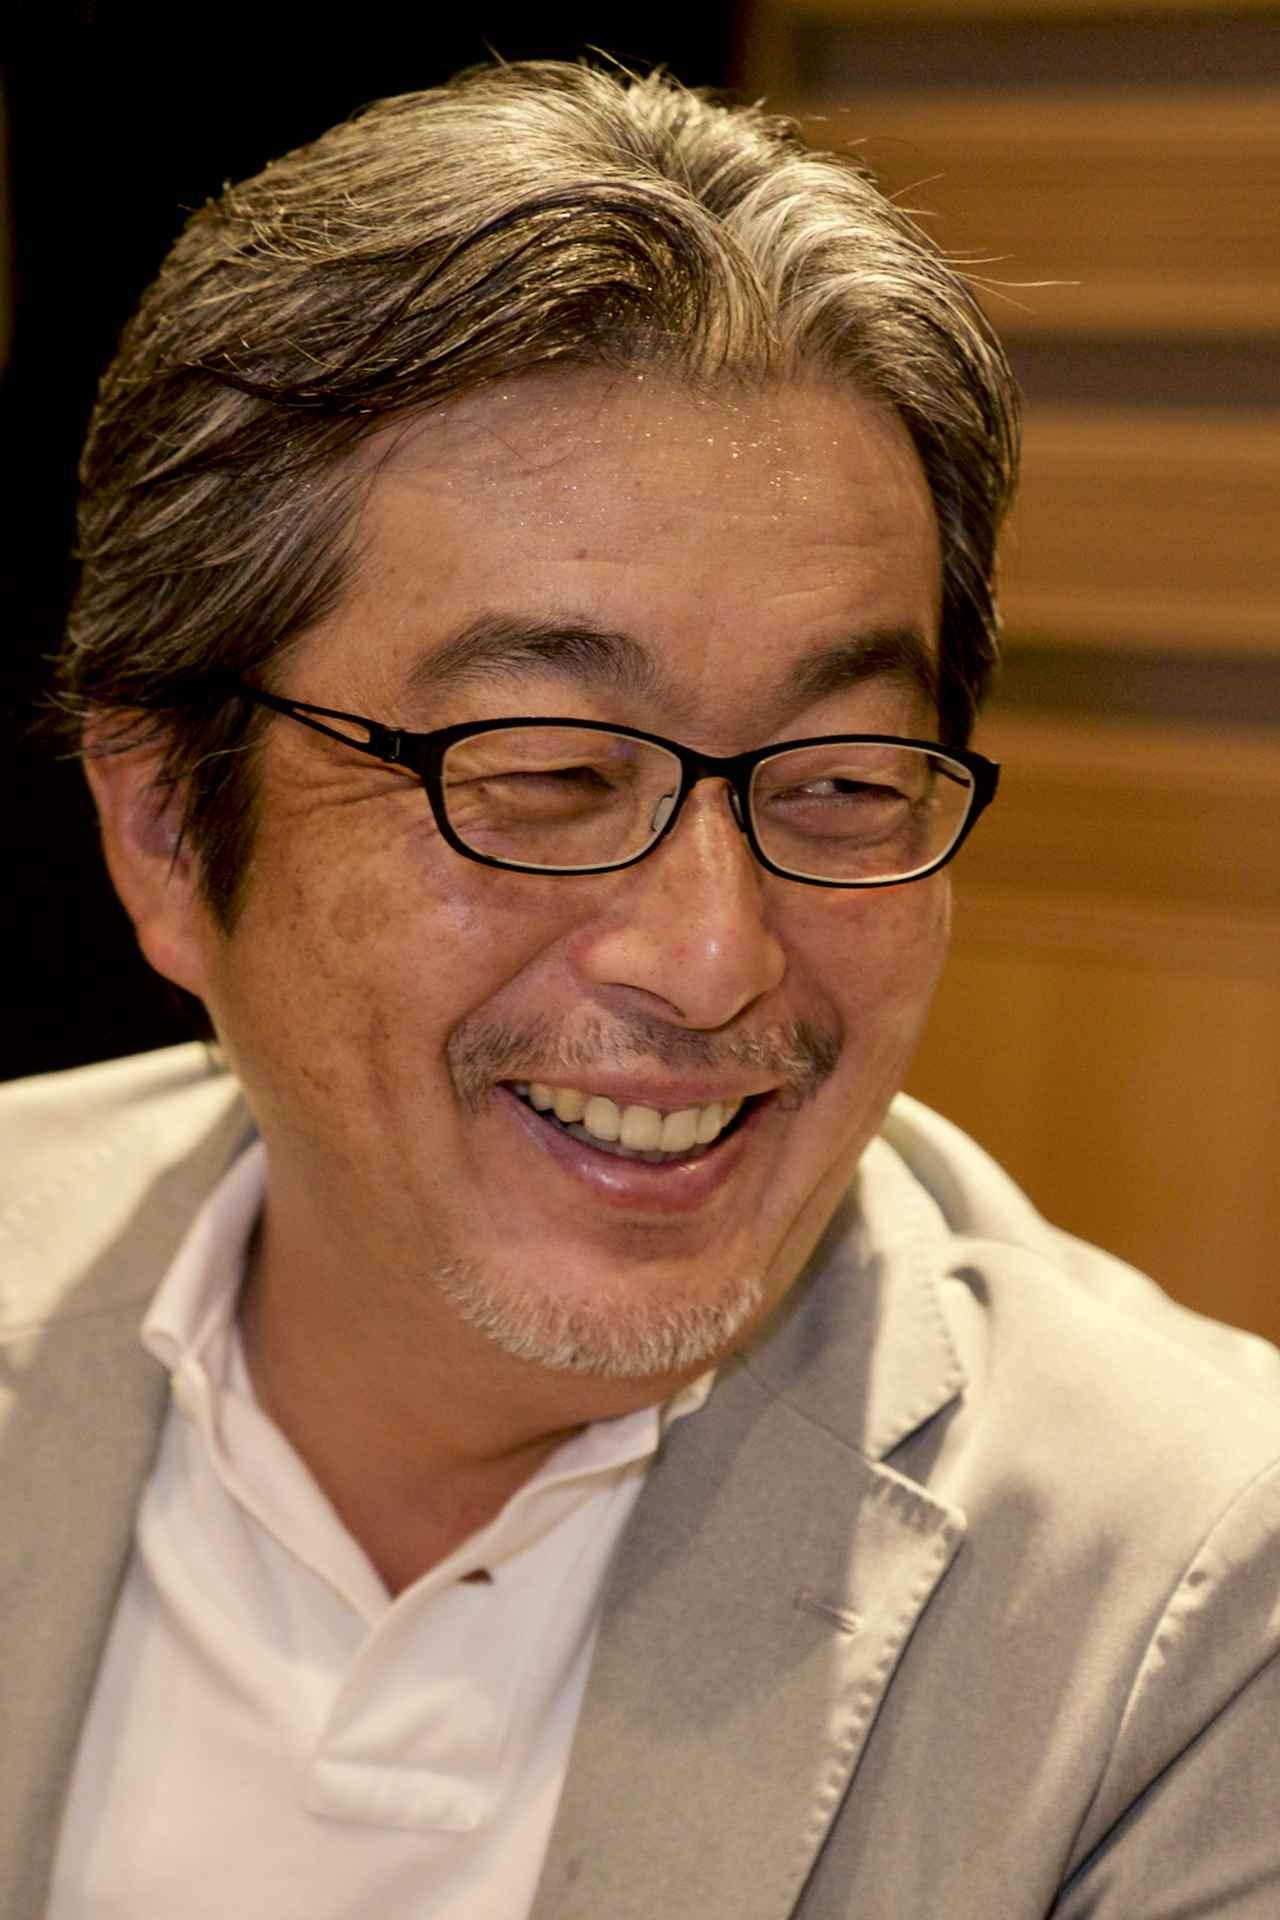 画像: 季刊ステレオサウンドや月刊HiViなどで健筆をふるわれている山本浩司先生。SACD「東京・青山骨董通りの思い出」のライナーノートも執筆している